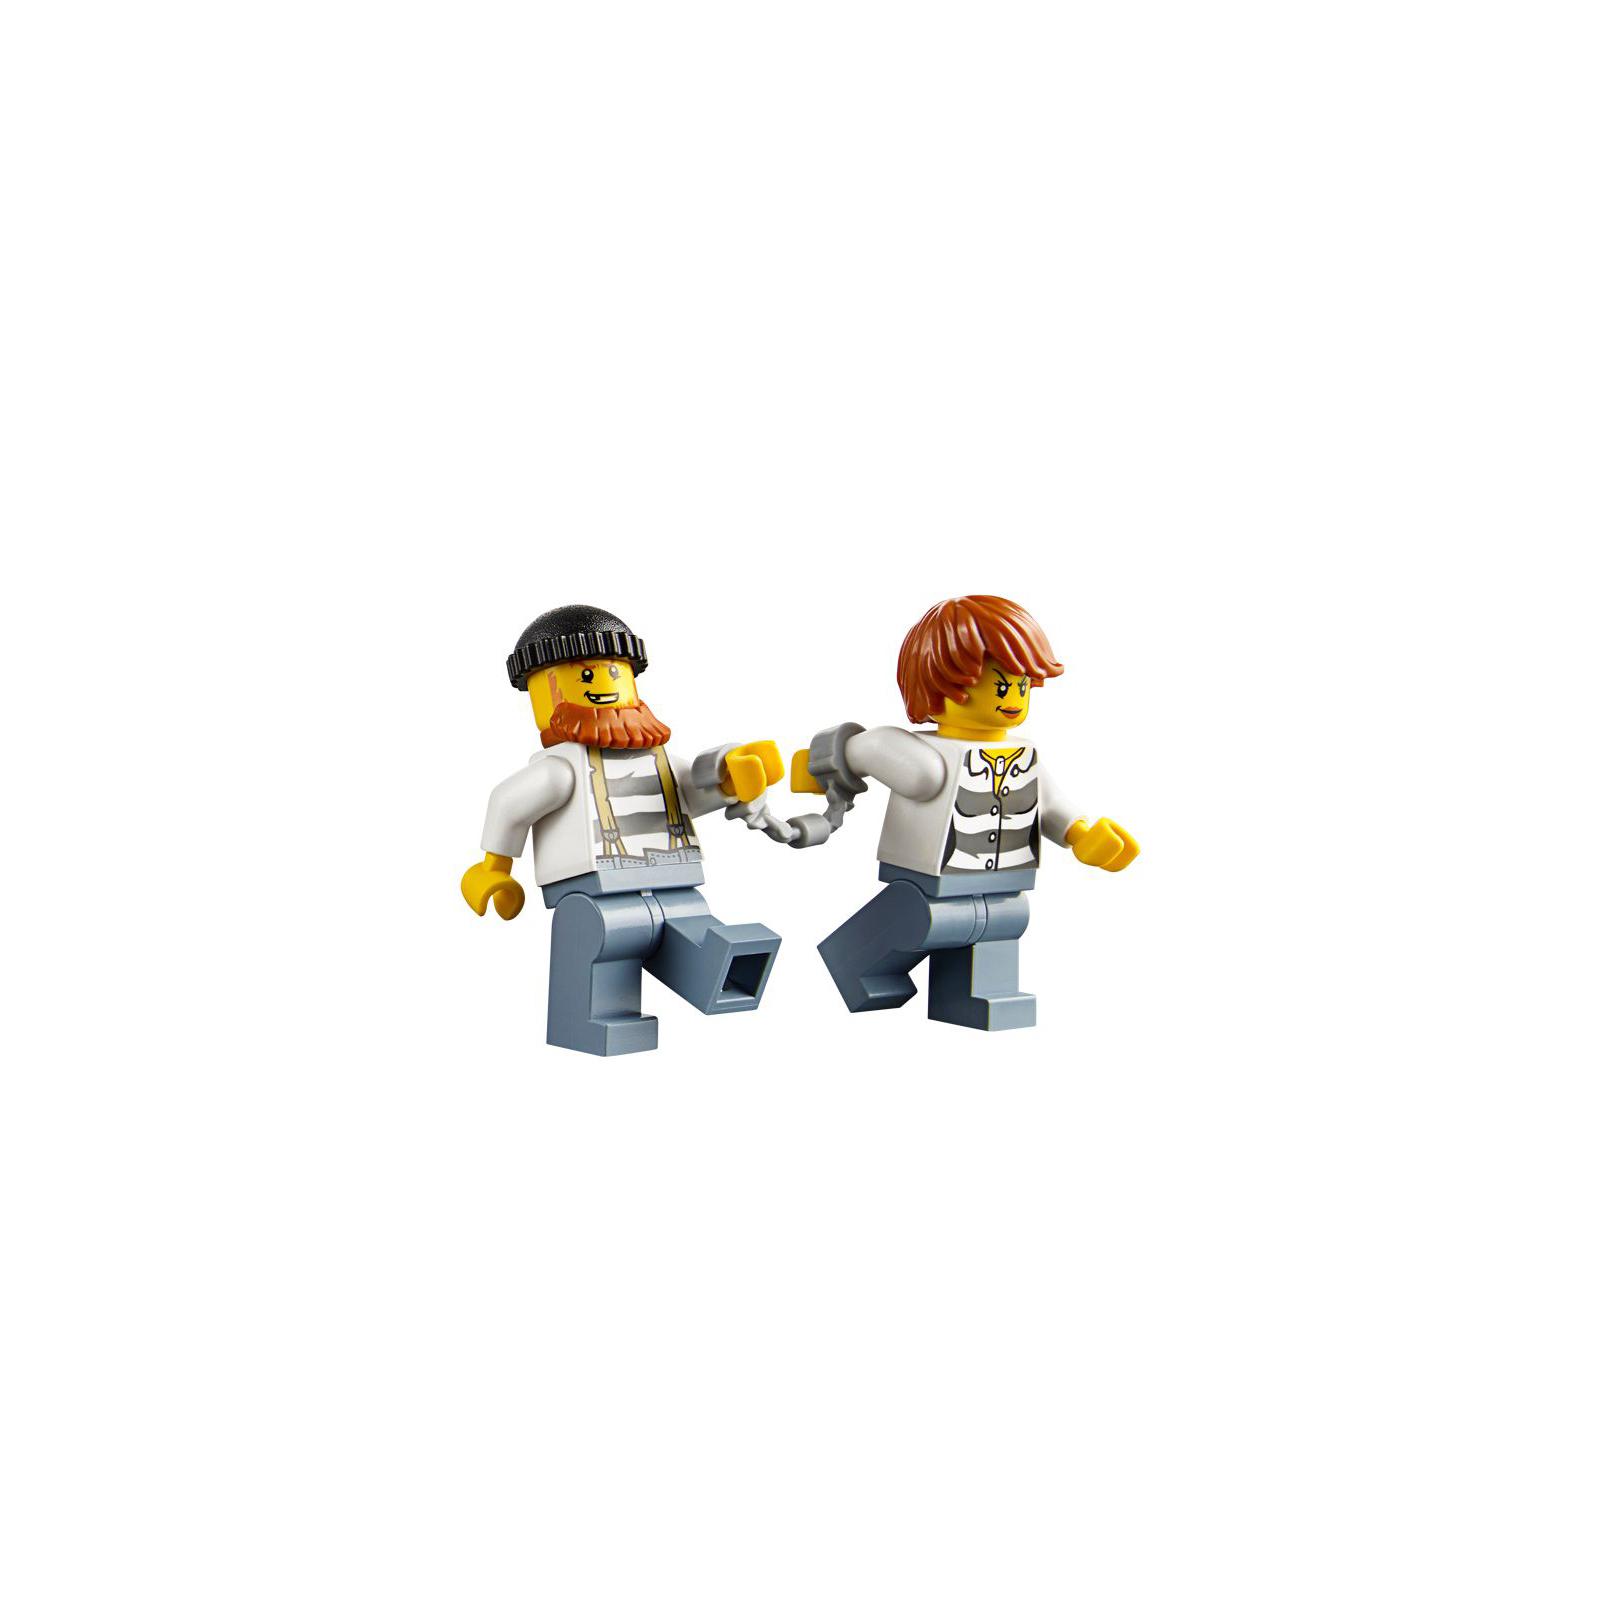 Конструктор LEGO City Полицейский корабль на воздушной подушке (60071) изображение 7